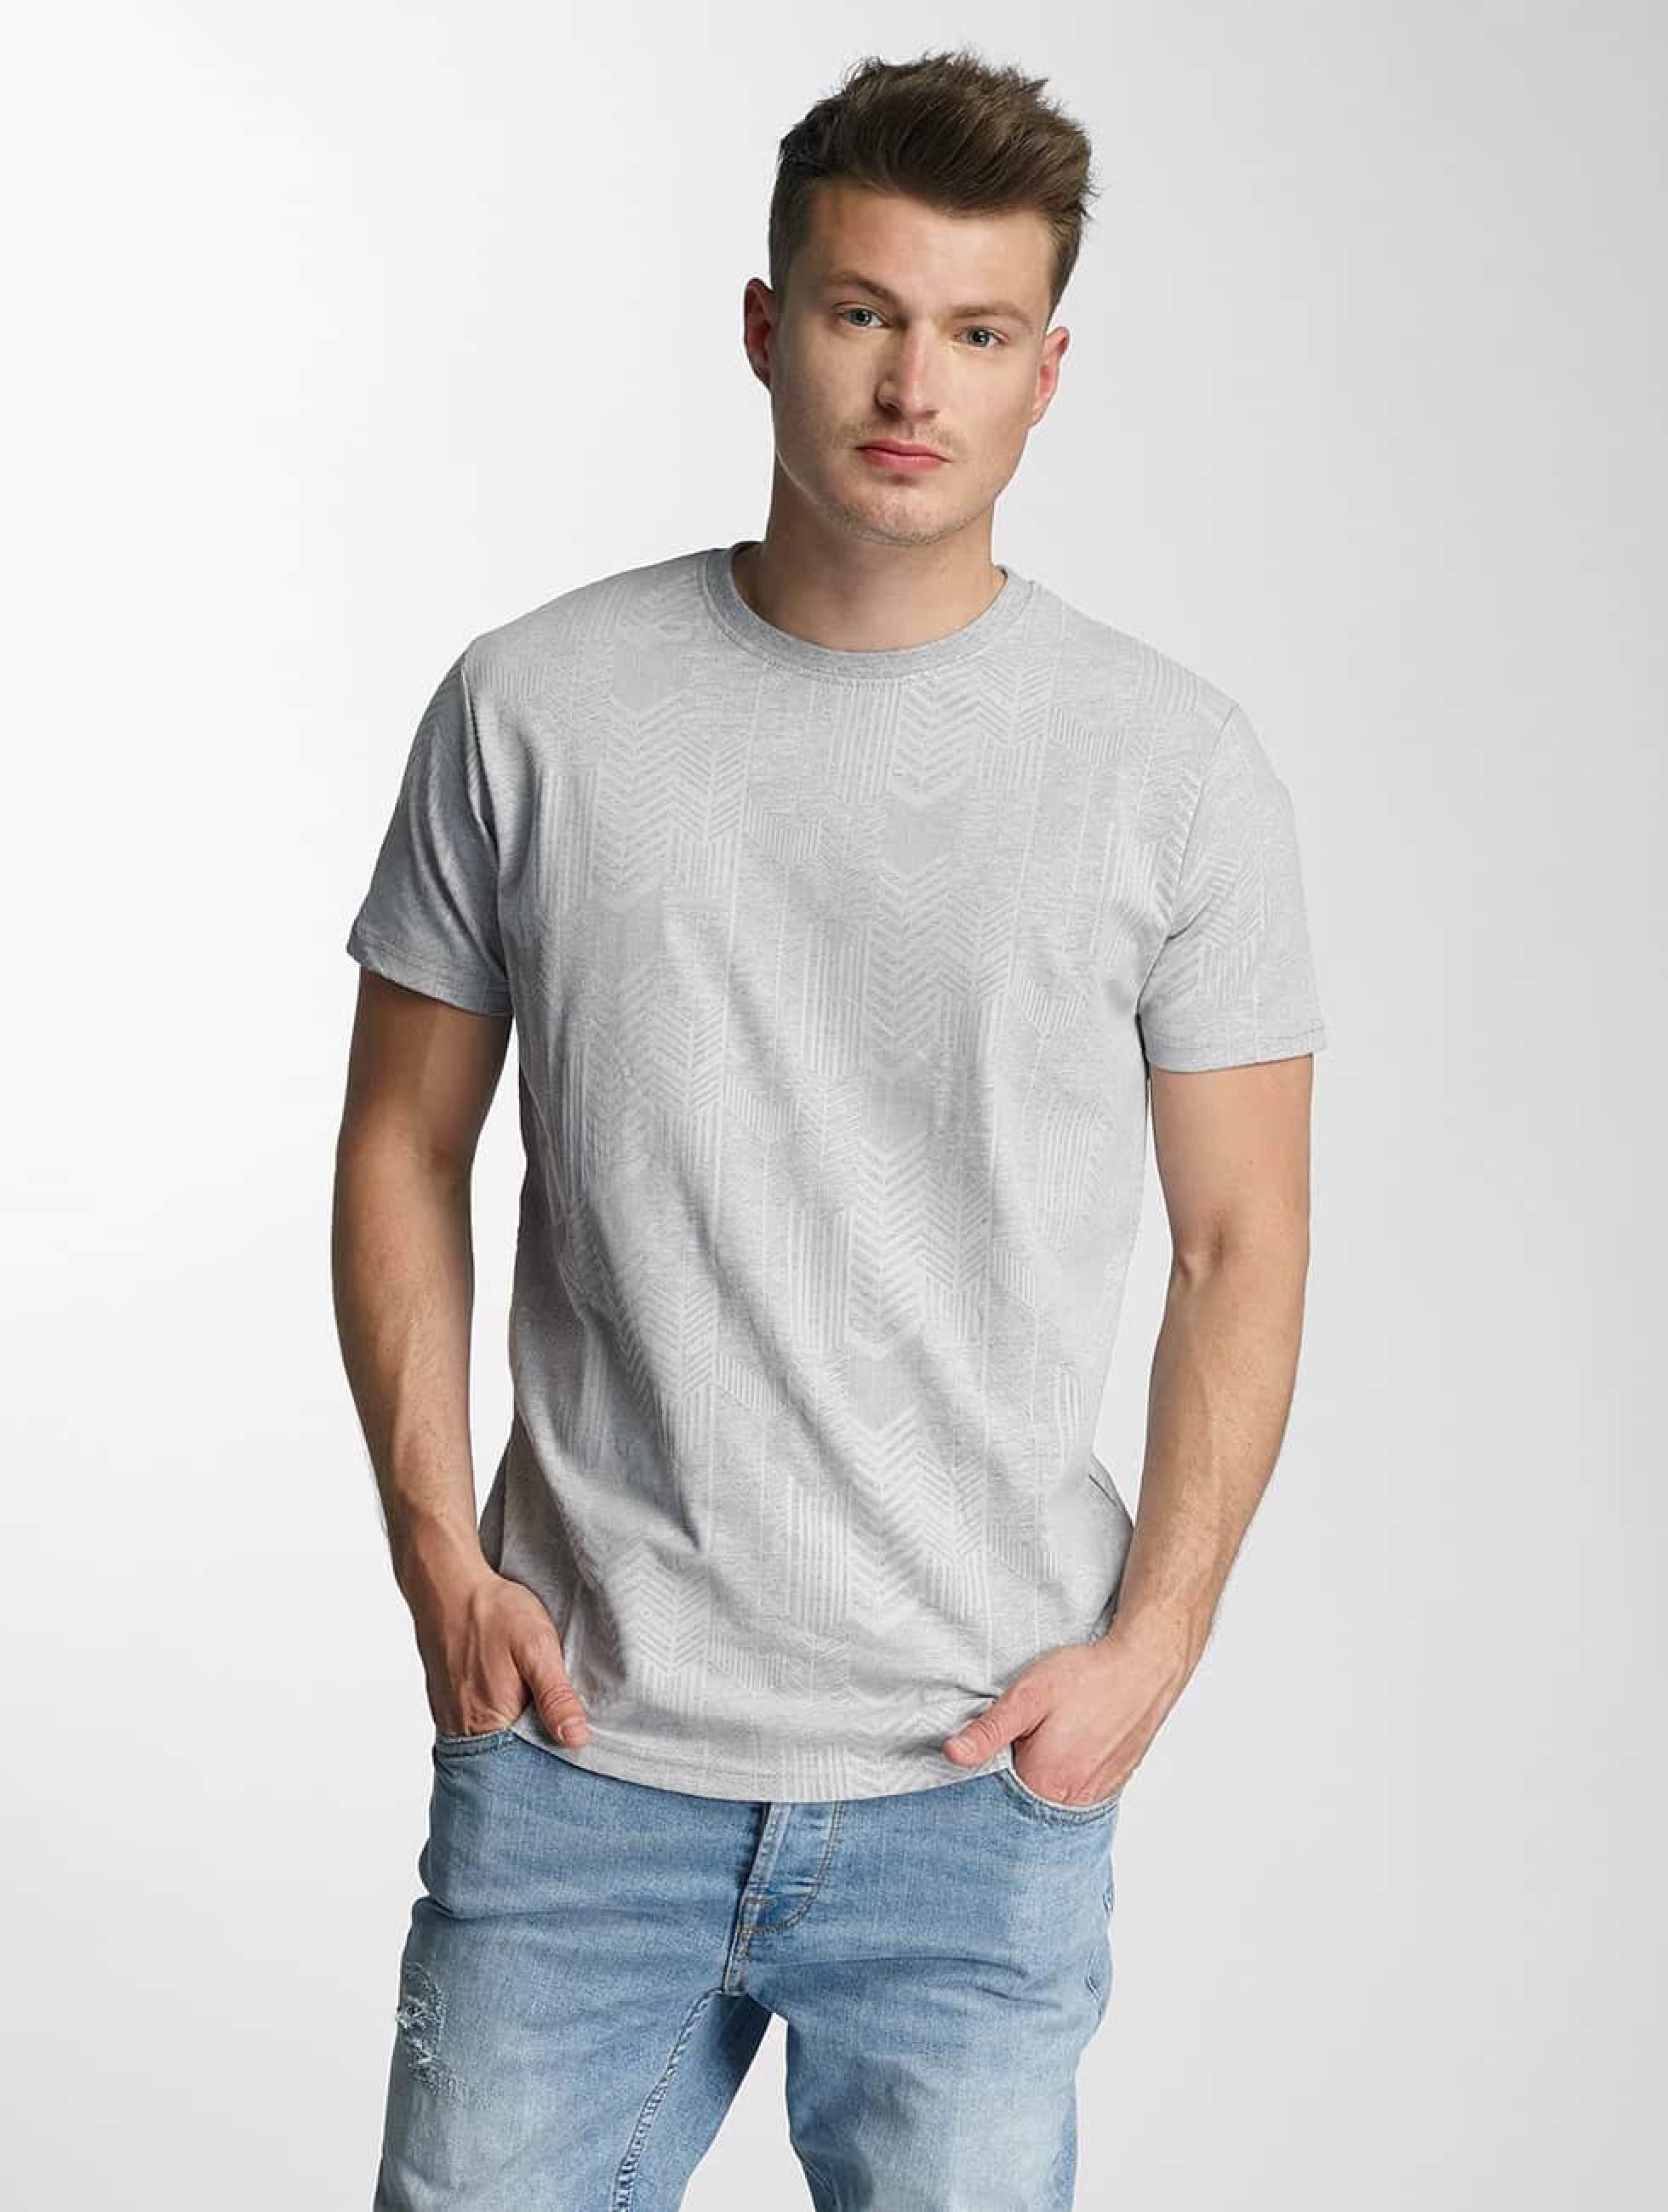 Just Rhyse / T-Shirt Tionesta in grey 3XL